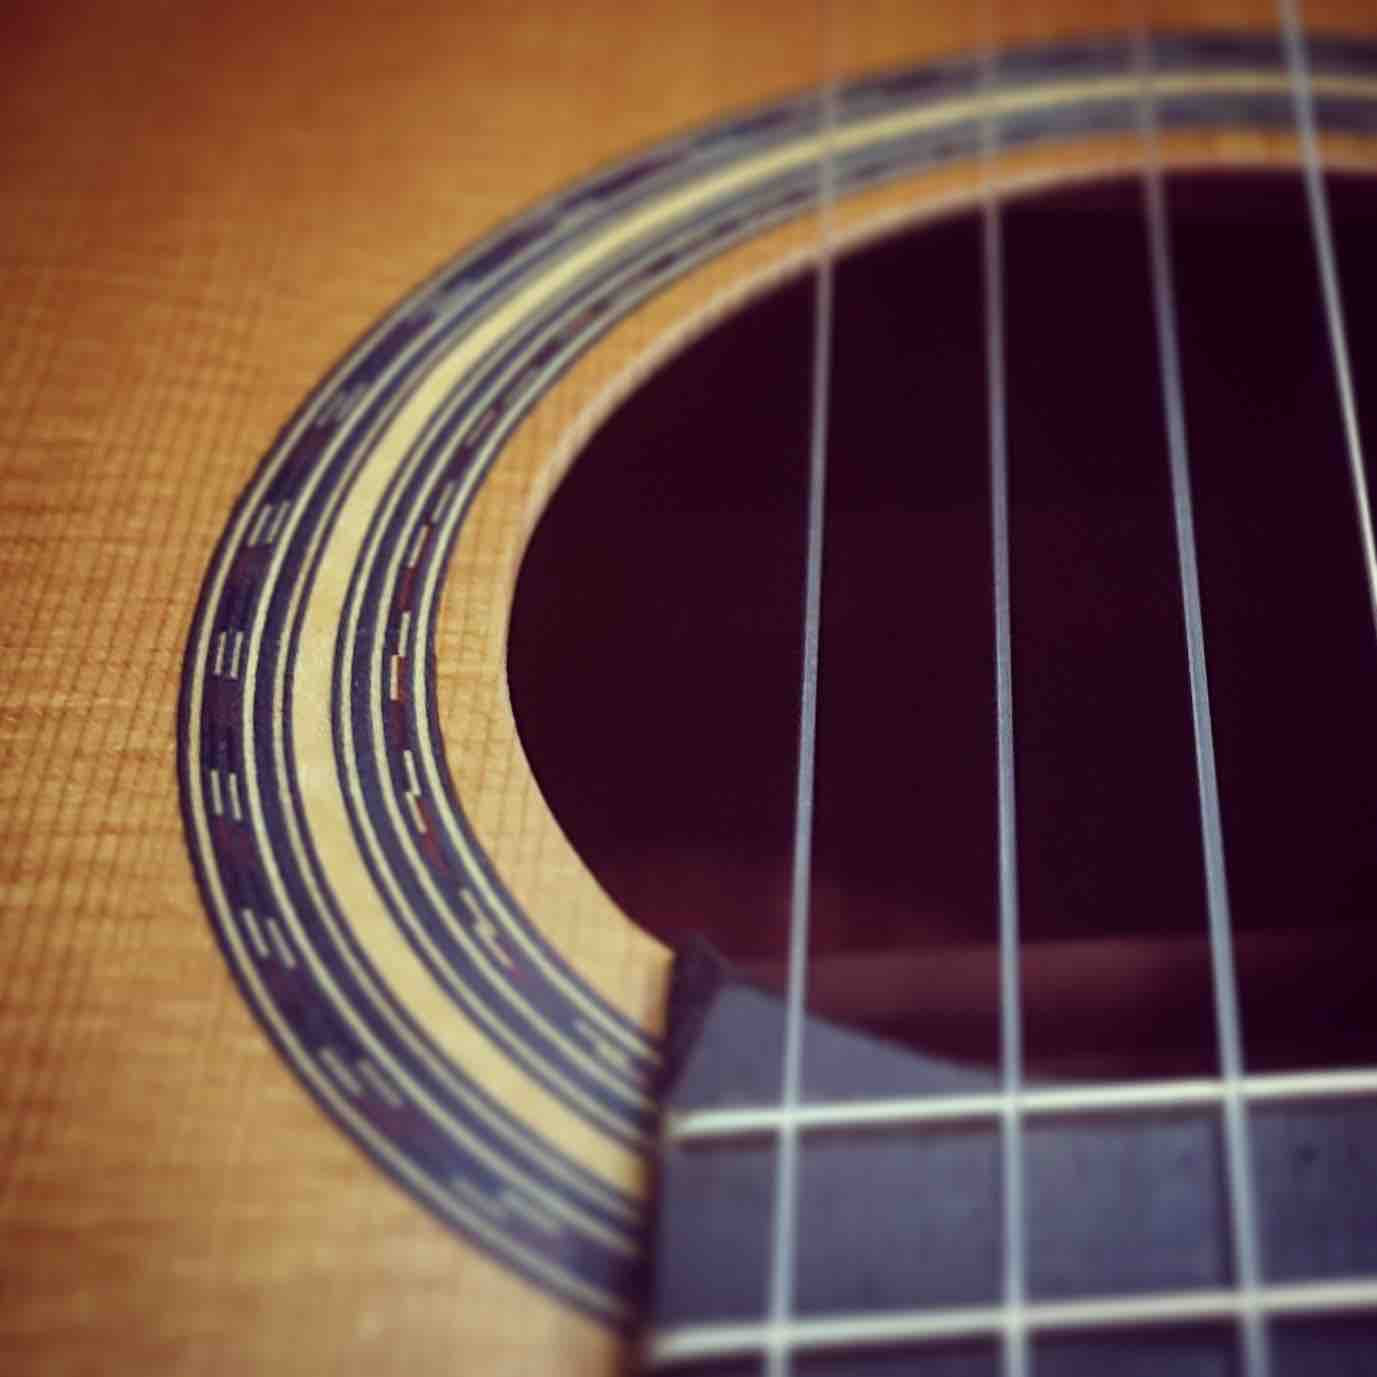 roseta-guitarra